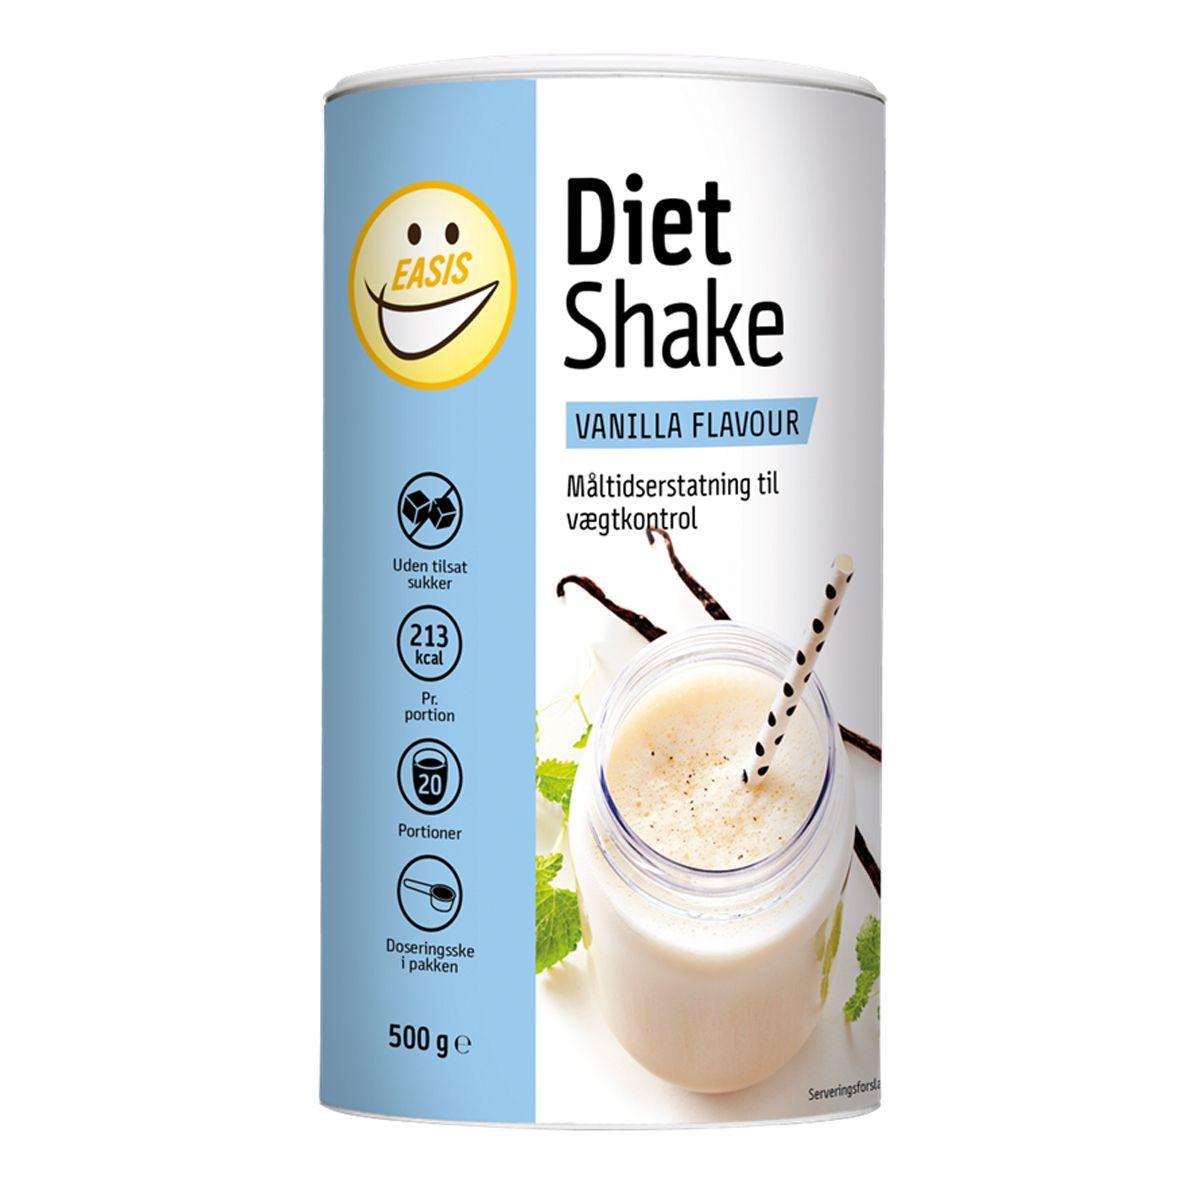 måltidsersättning utan mjölk